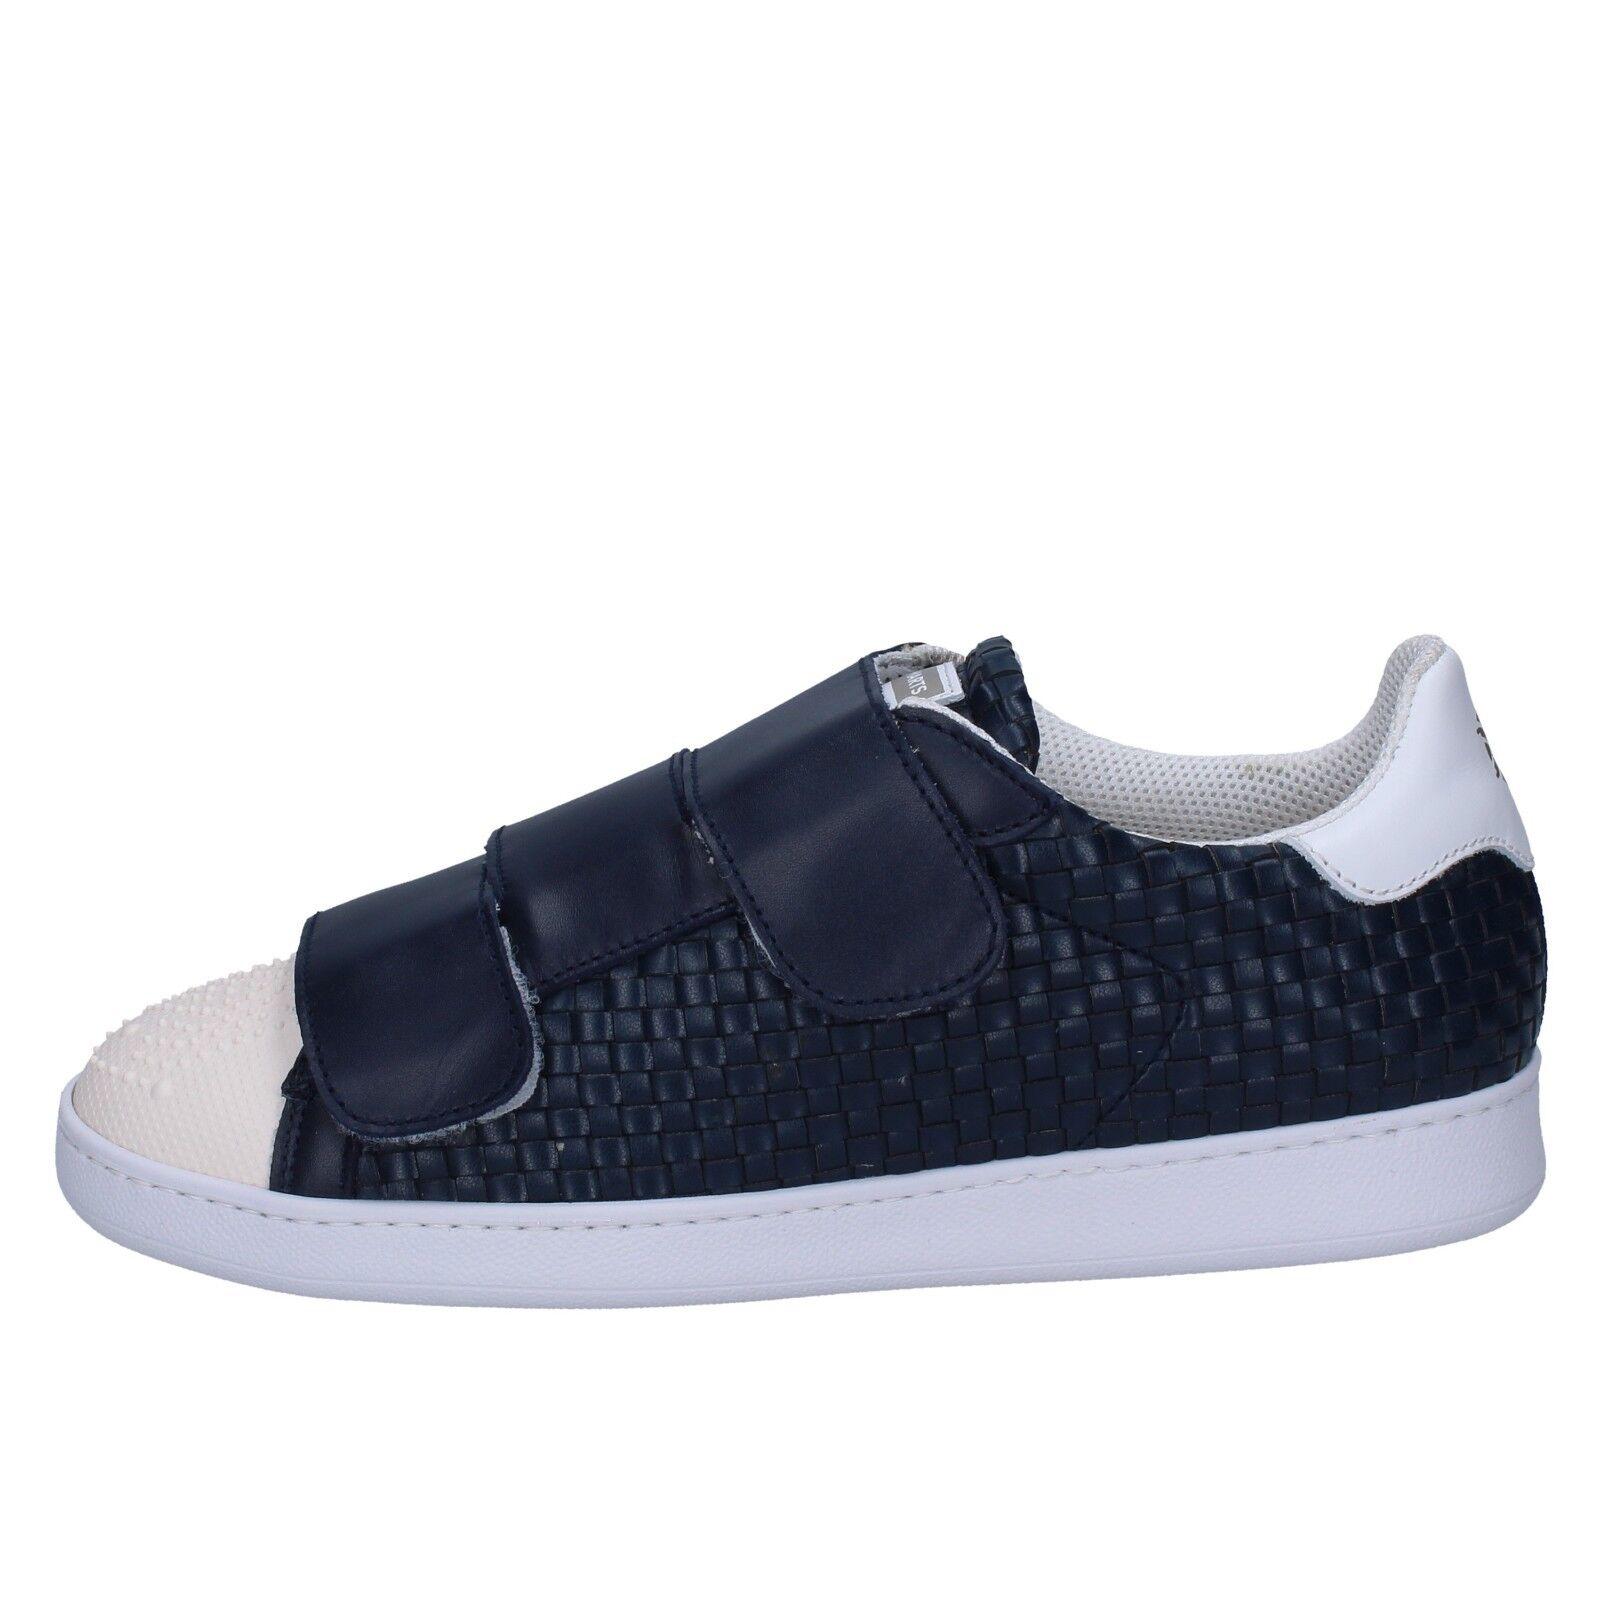 6d1c32d4120 ... Para Hombres Zapatos Zapatos Zapatos BRIMARTS 10 Zapatillas De Cuero  Azul BT590-43 ad96e1 ...